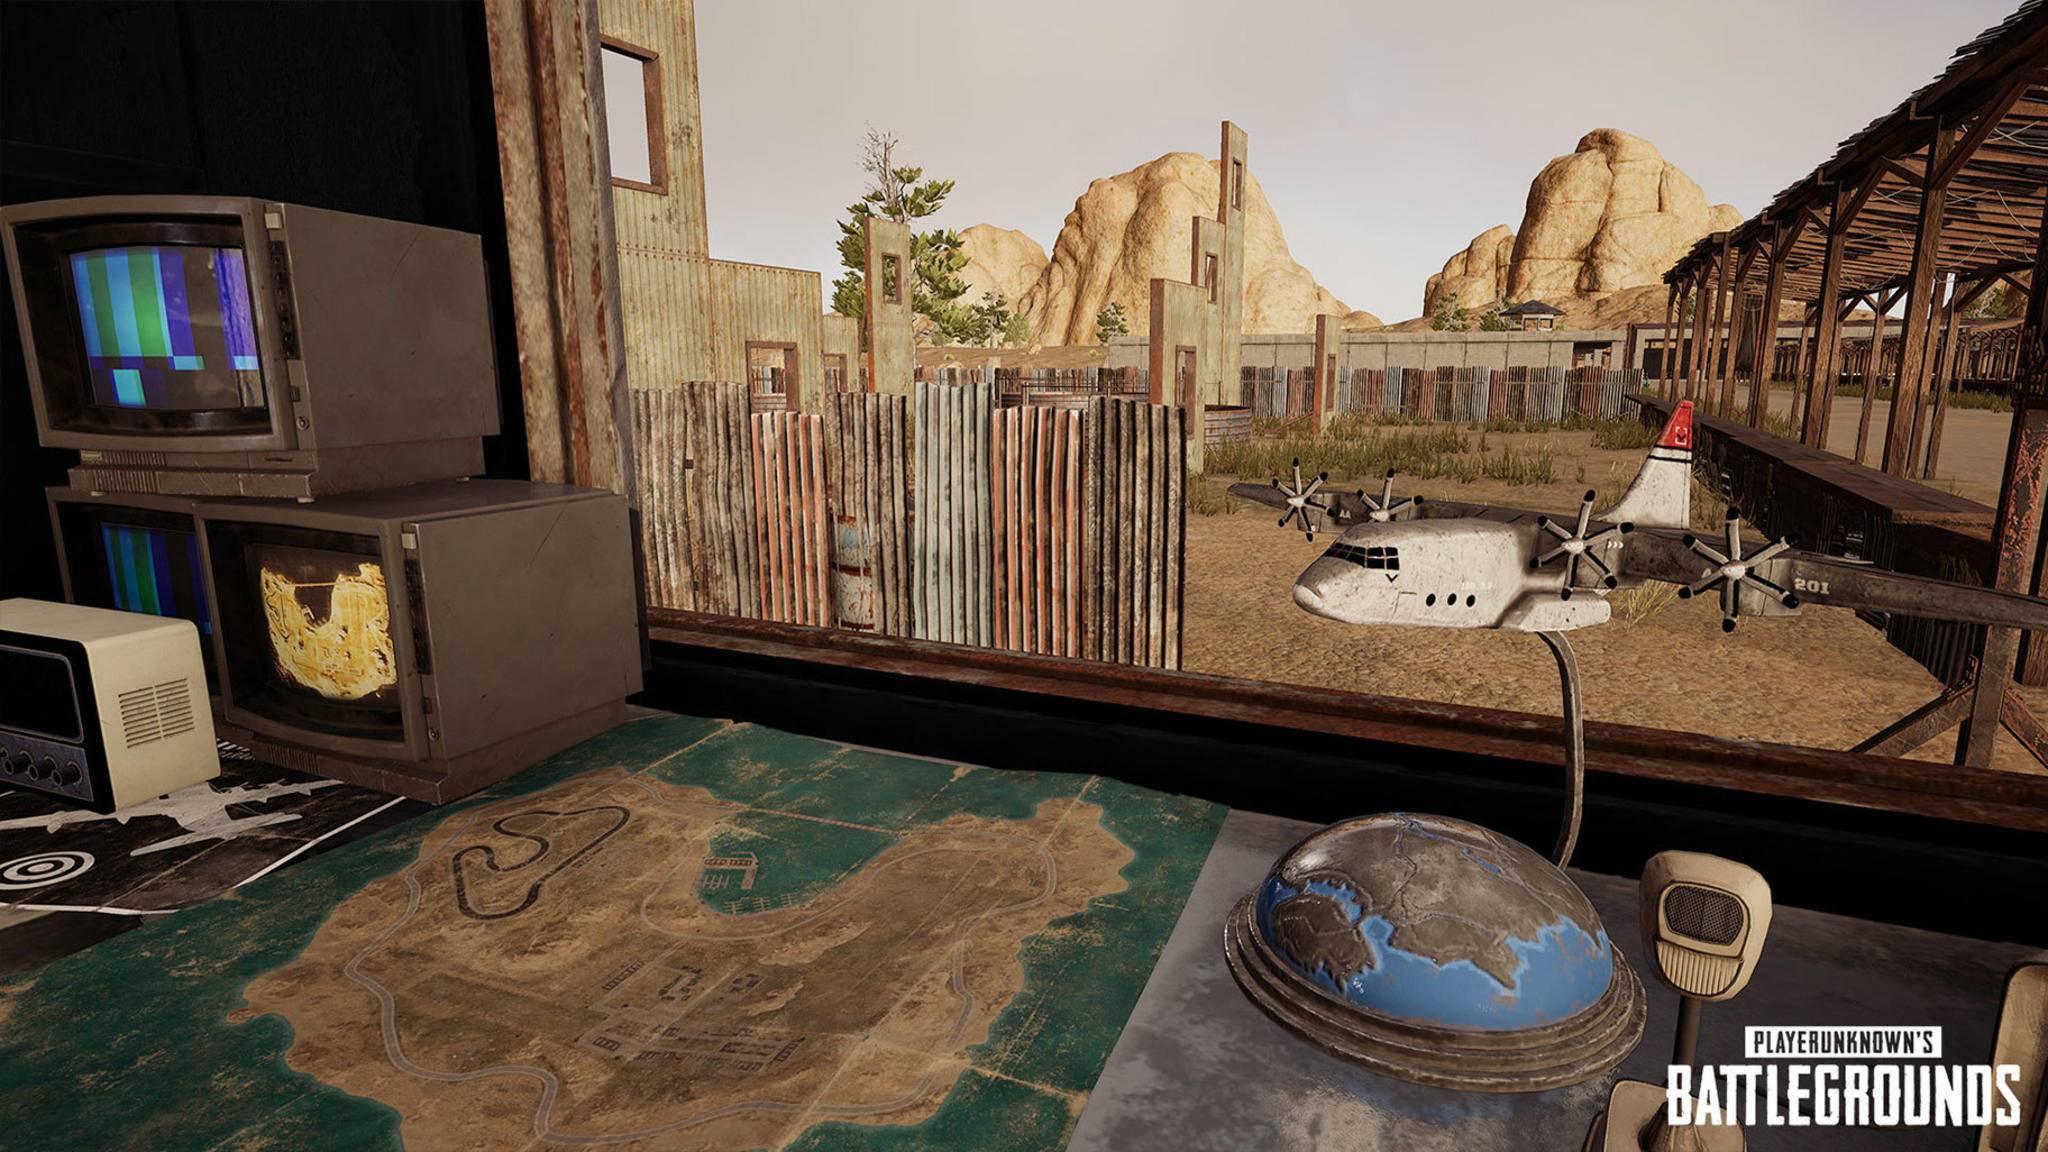 Darauf mussten Gamer lange warten: Eine eigene Map nur zum Trainieren der eigenen Fähigkeiten.